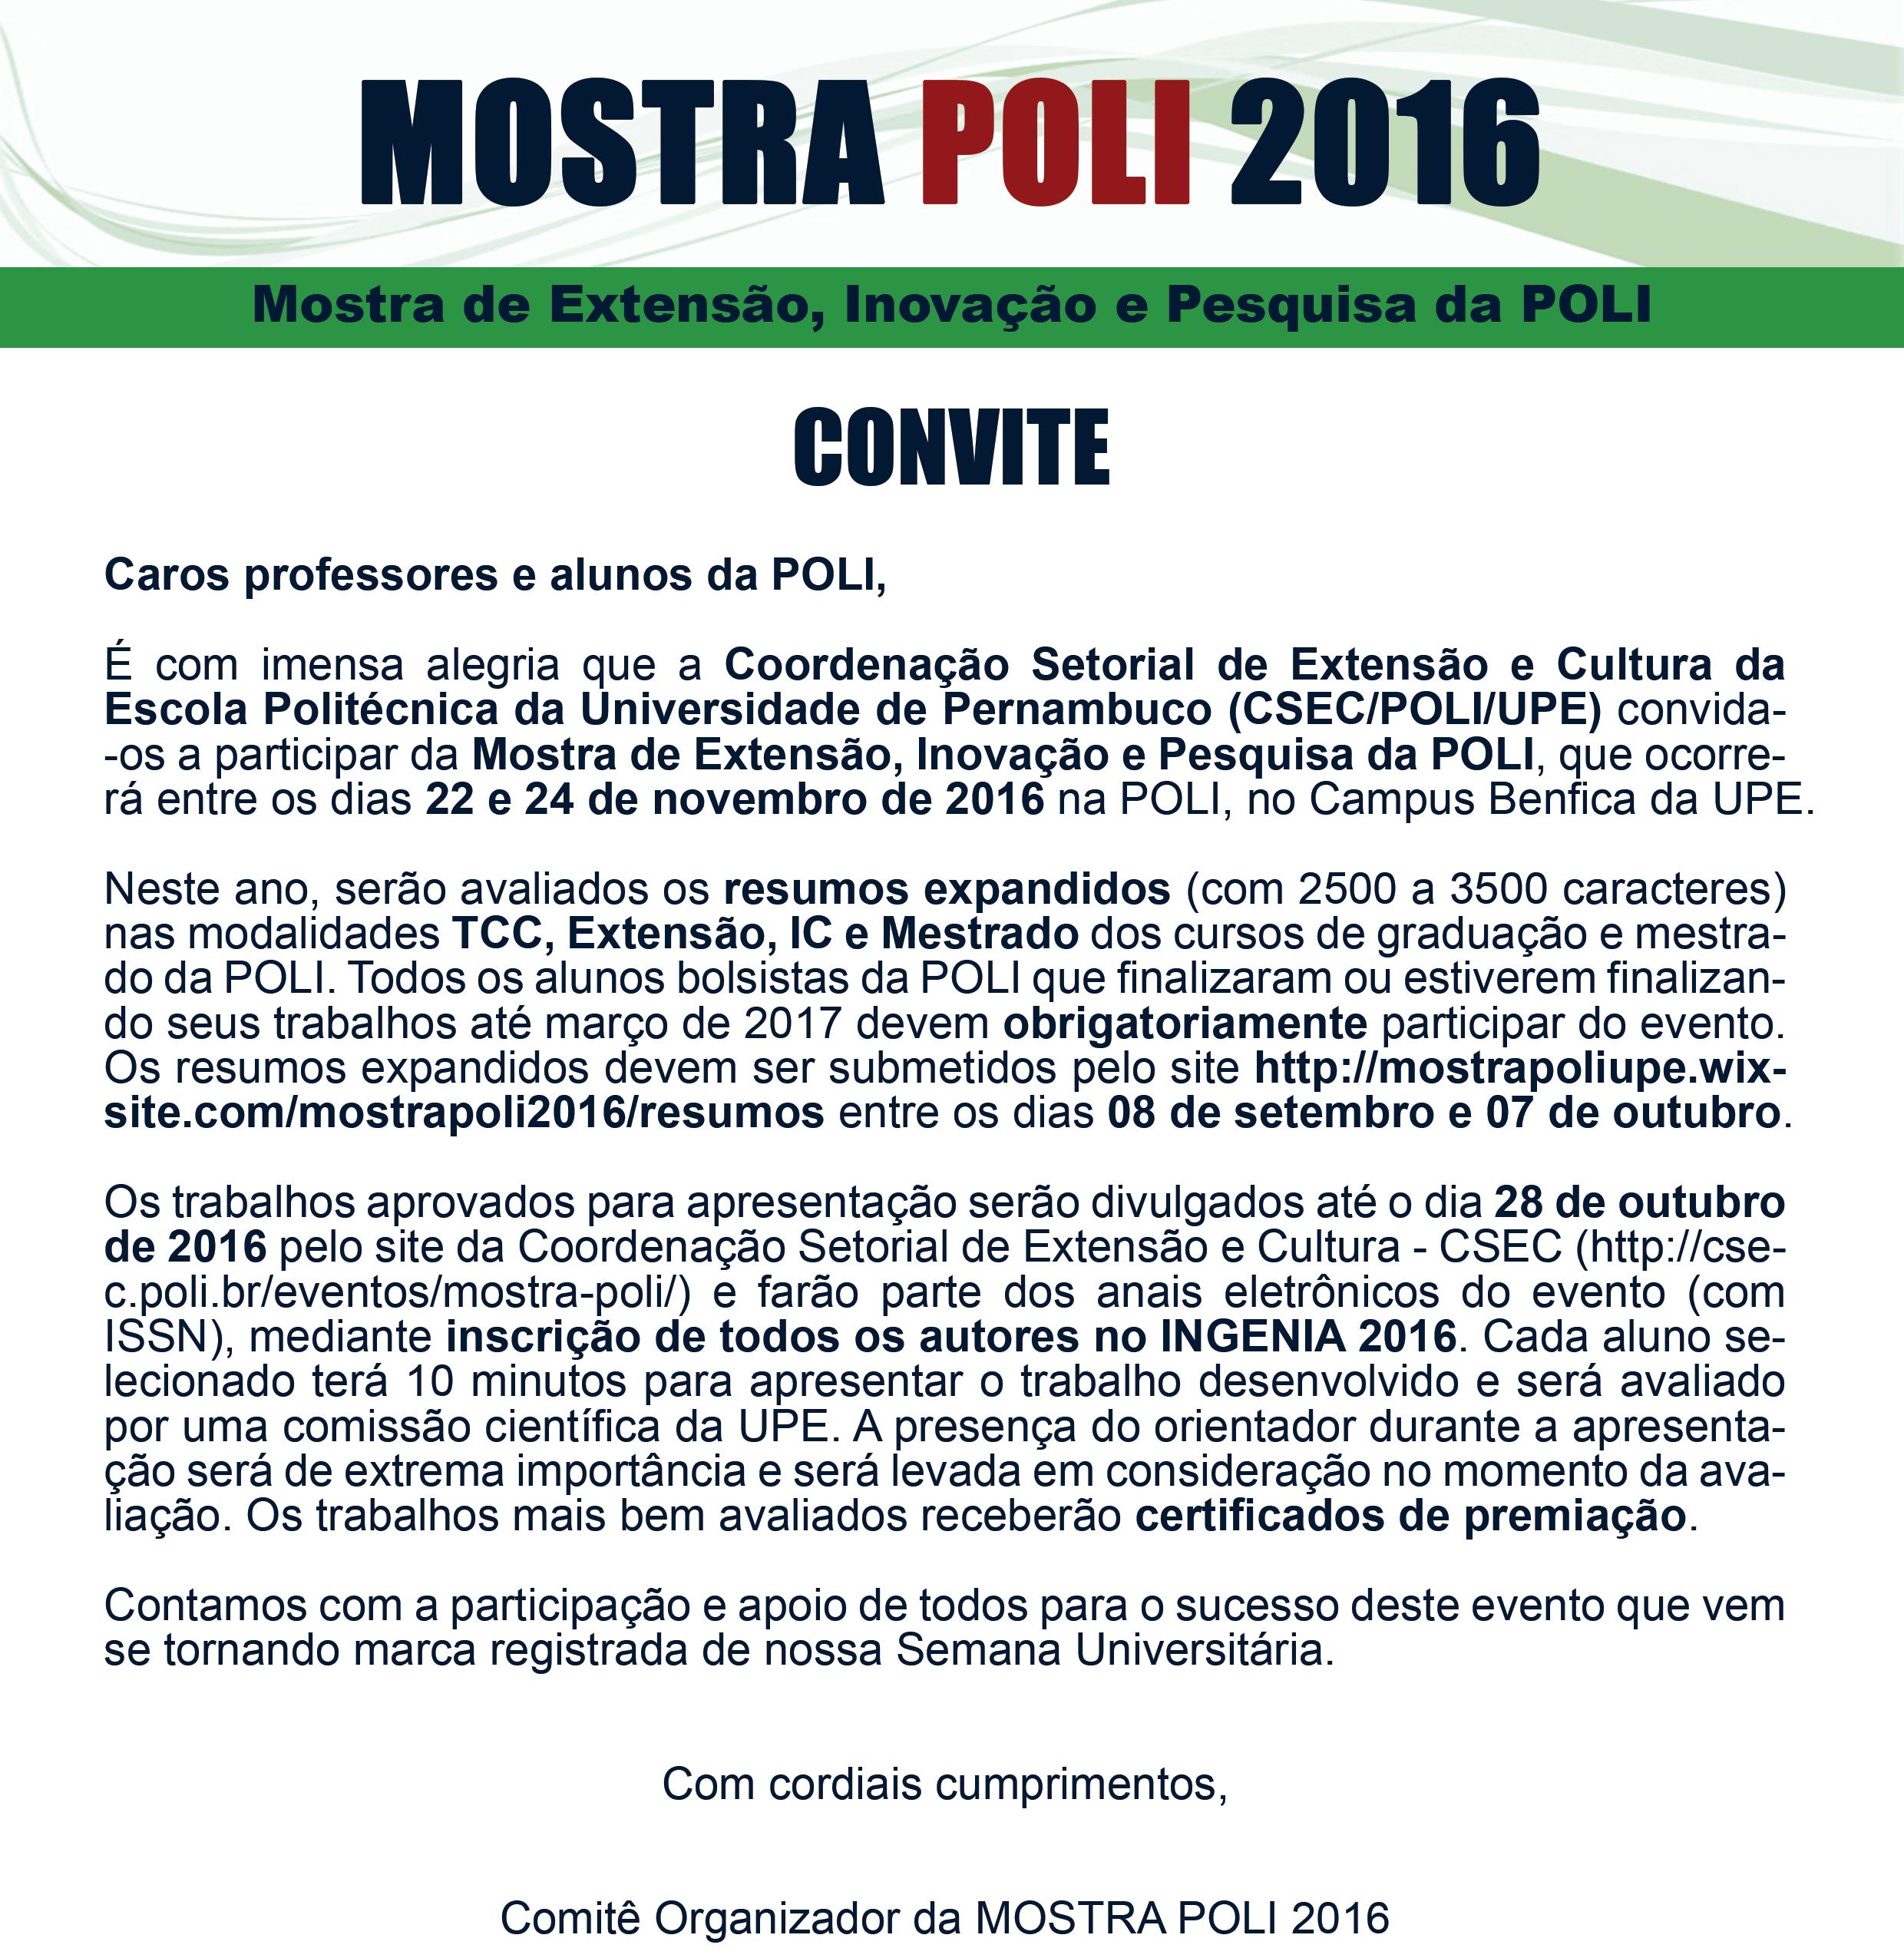 Convite_Mostra-Poli_Professores-e-Alunos 4